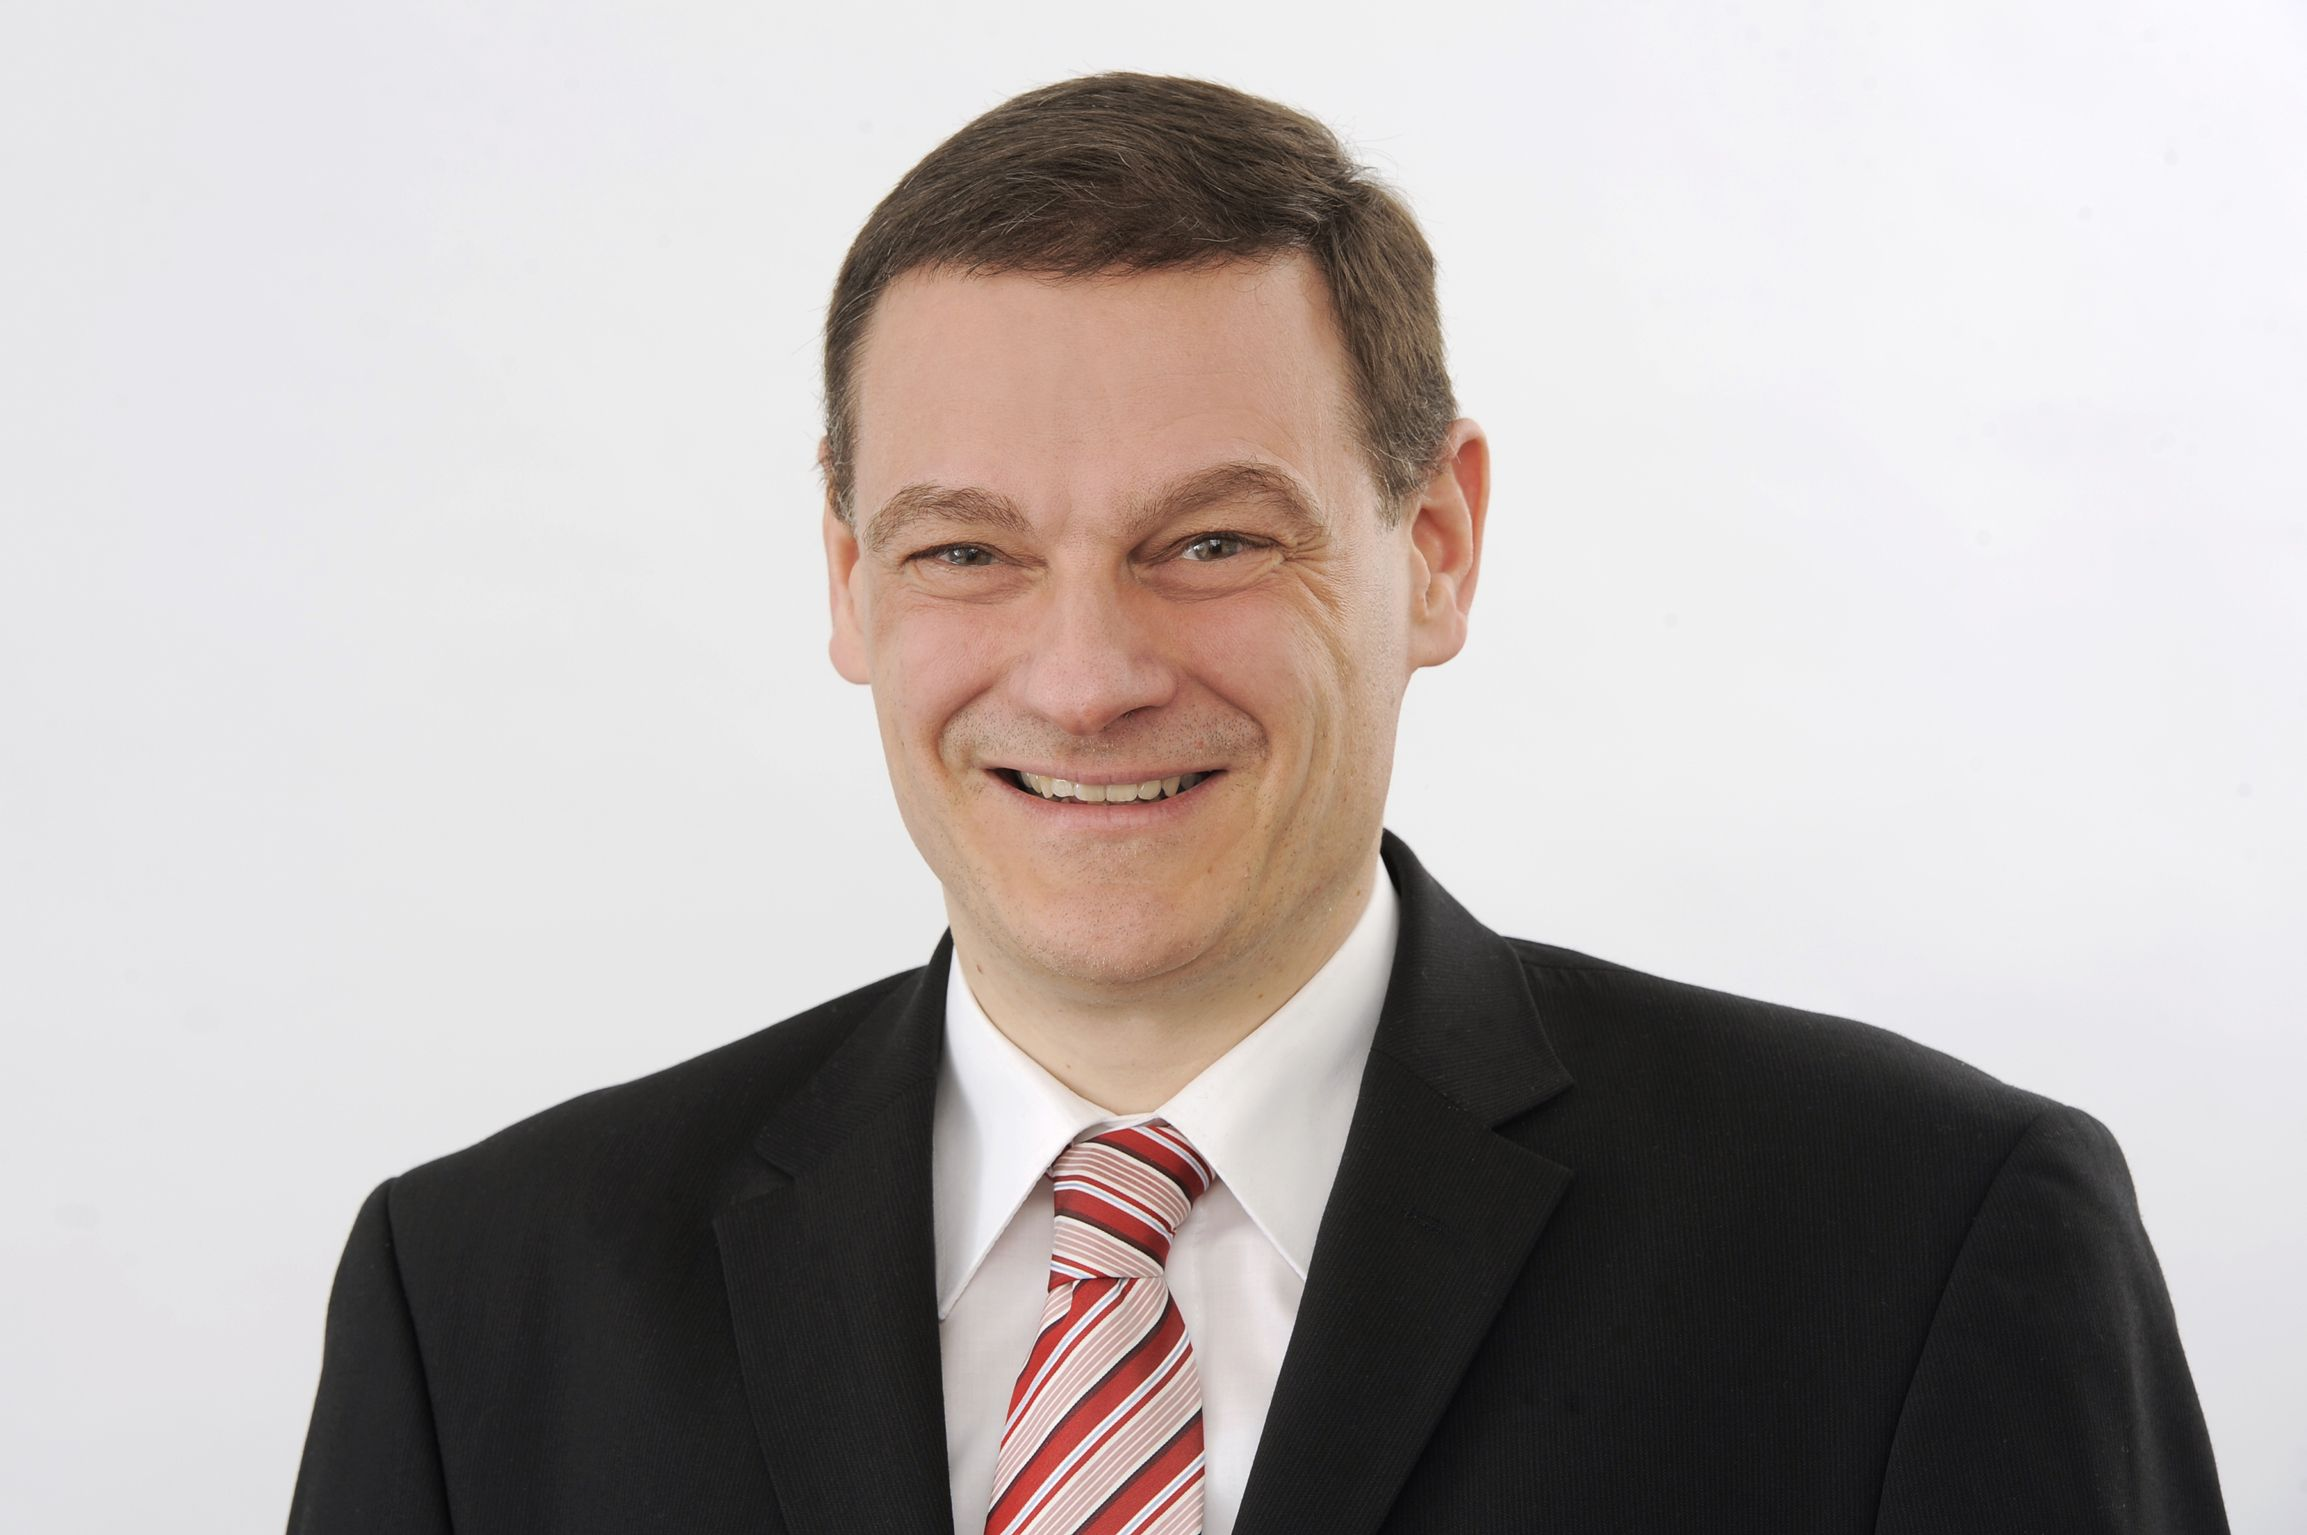 Franz Logen